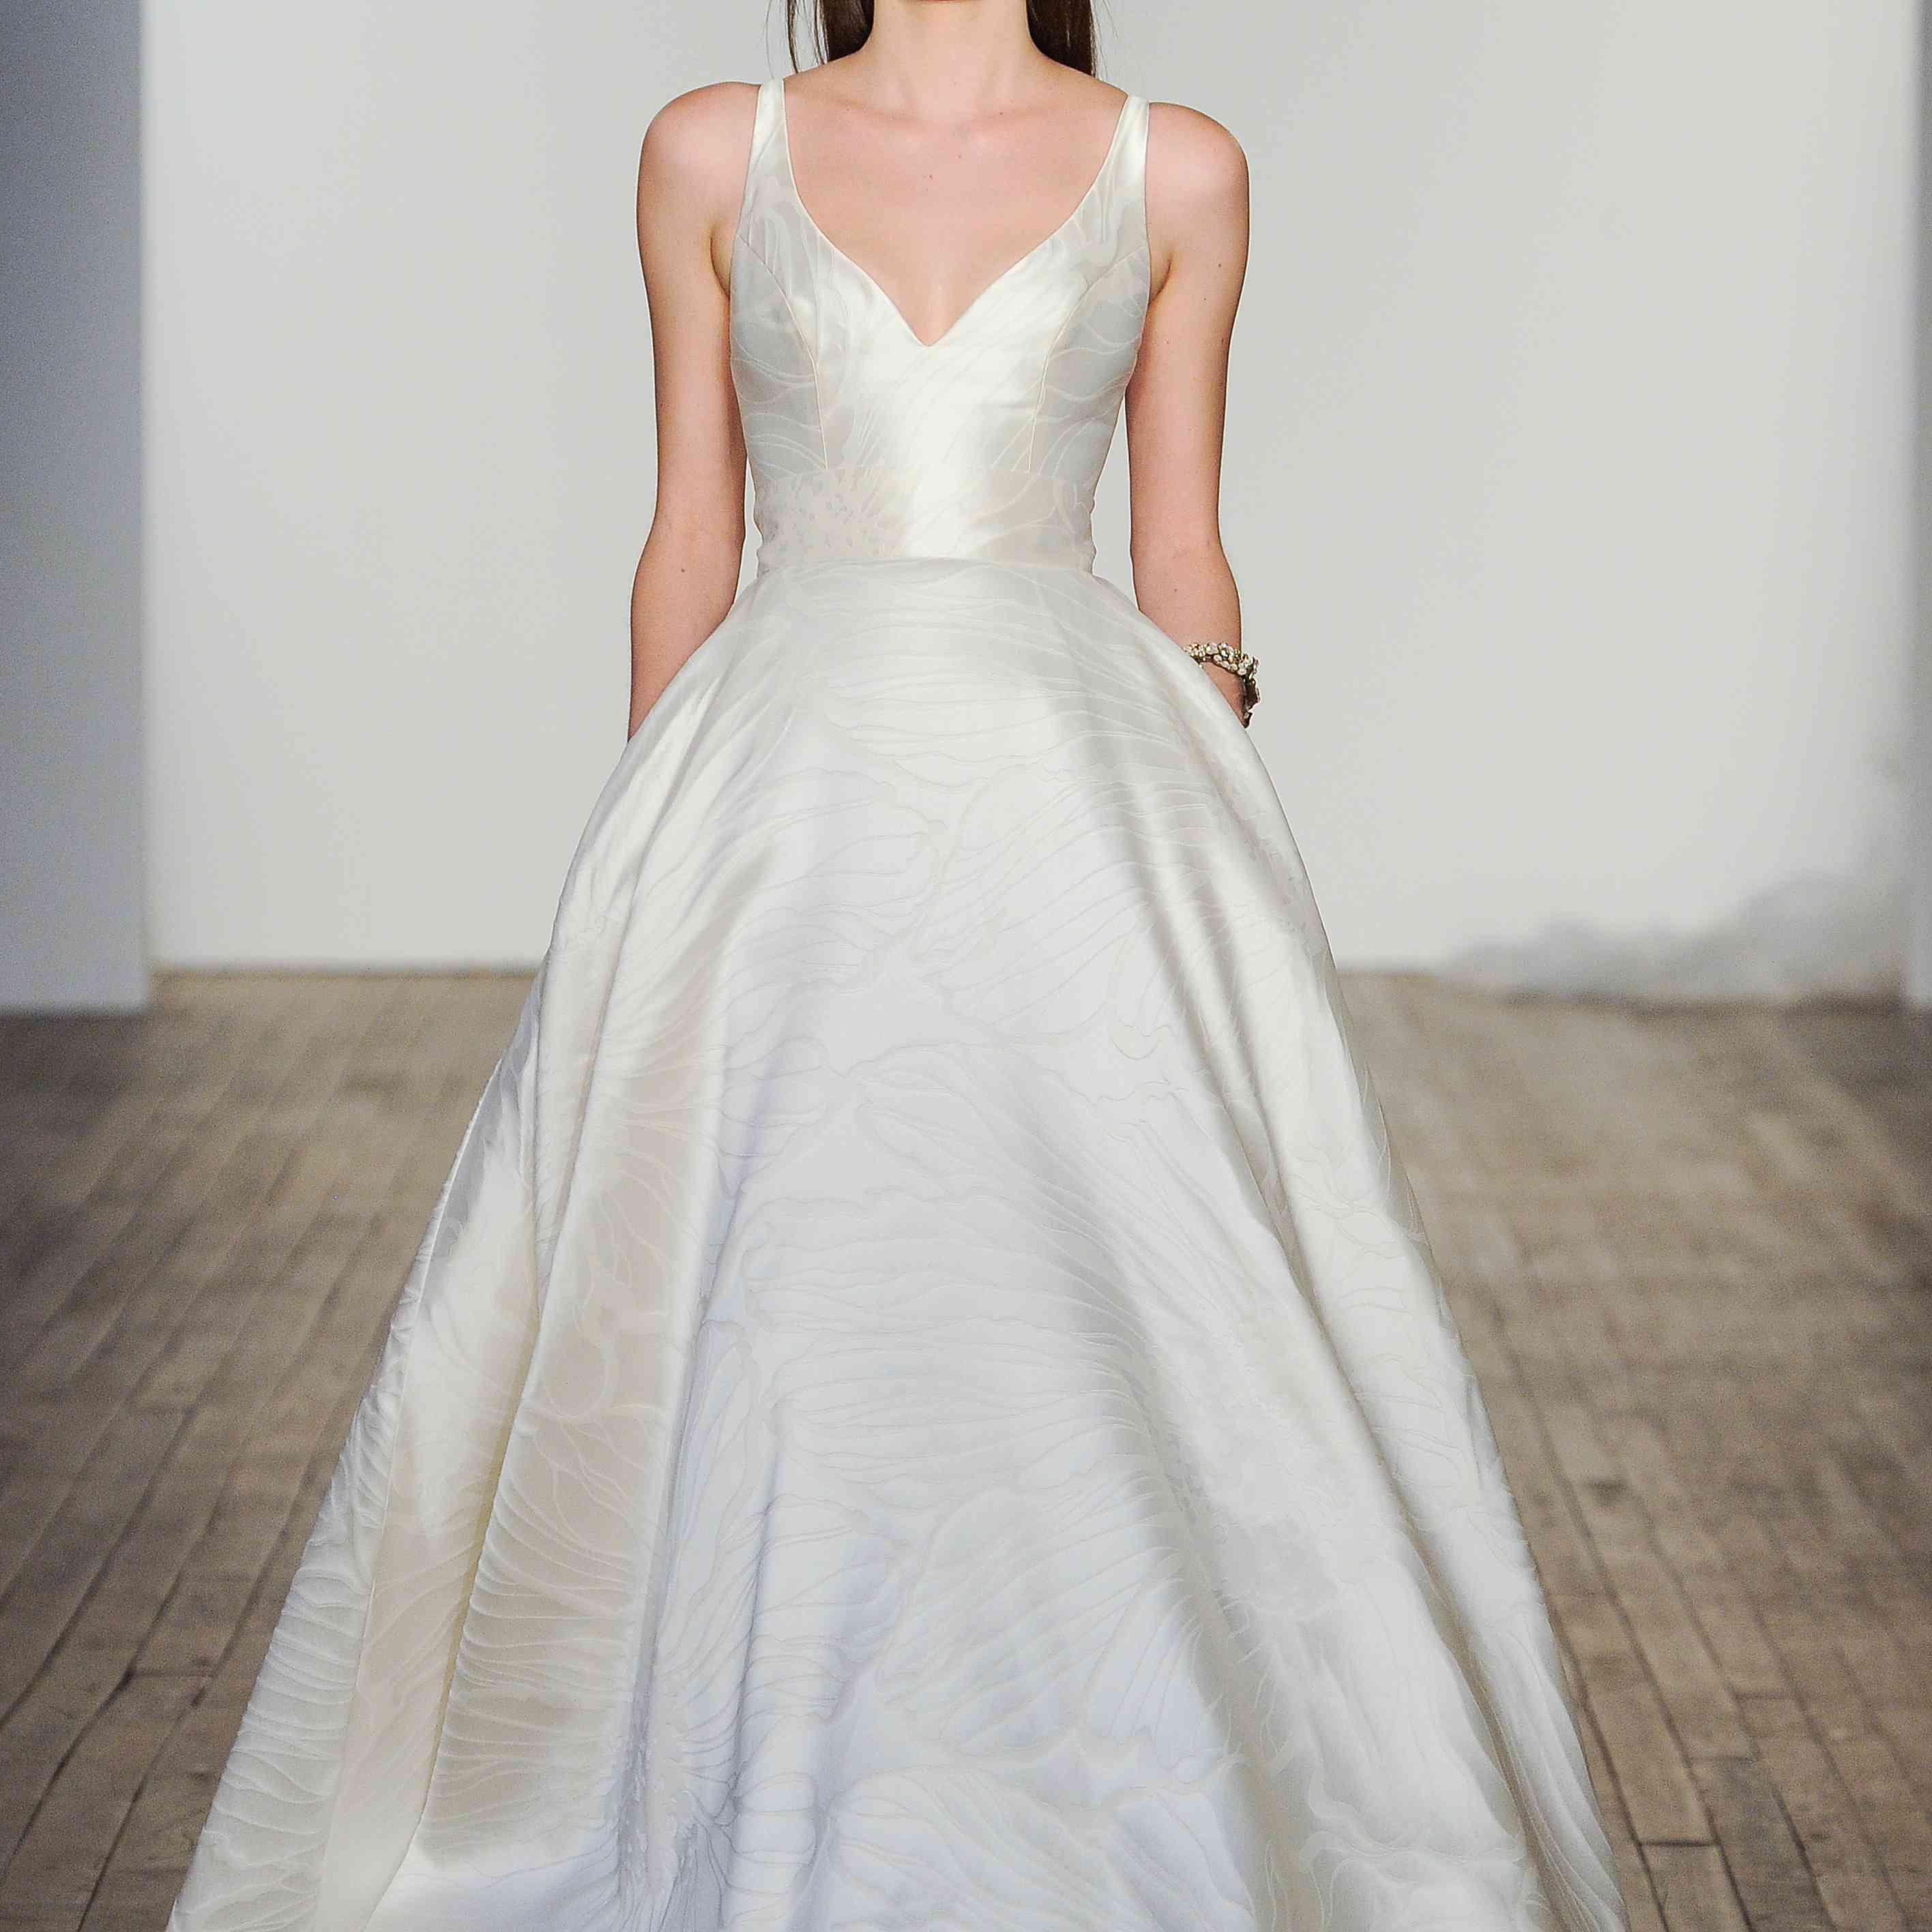 Aster sleeveless wedding ball gown